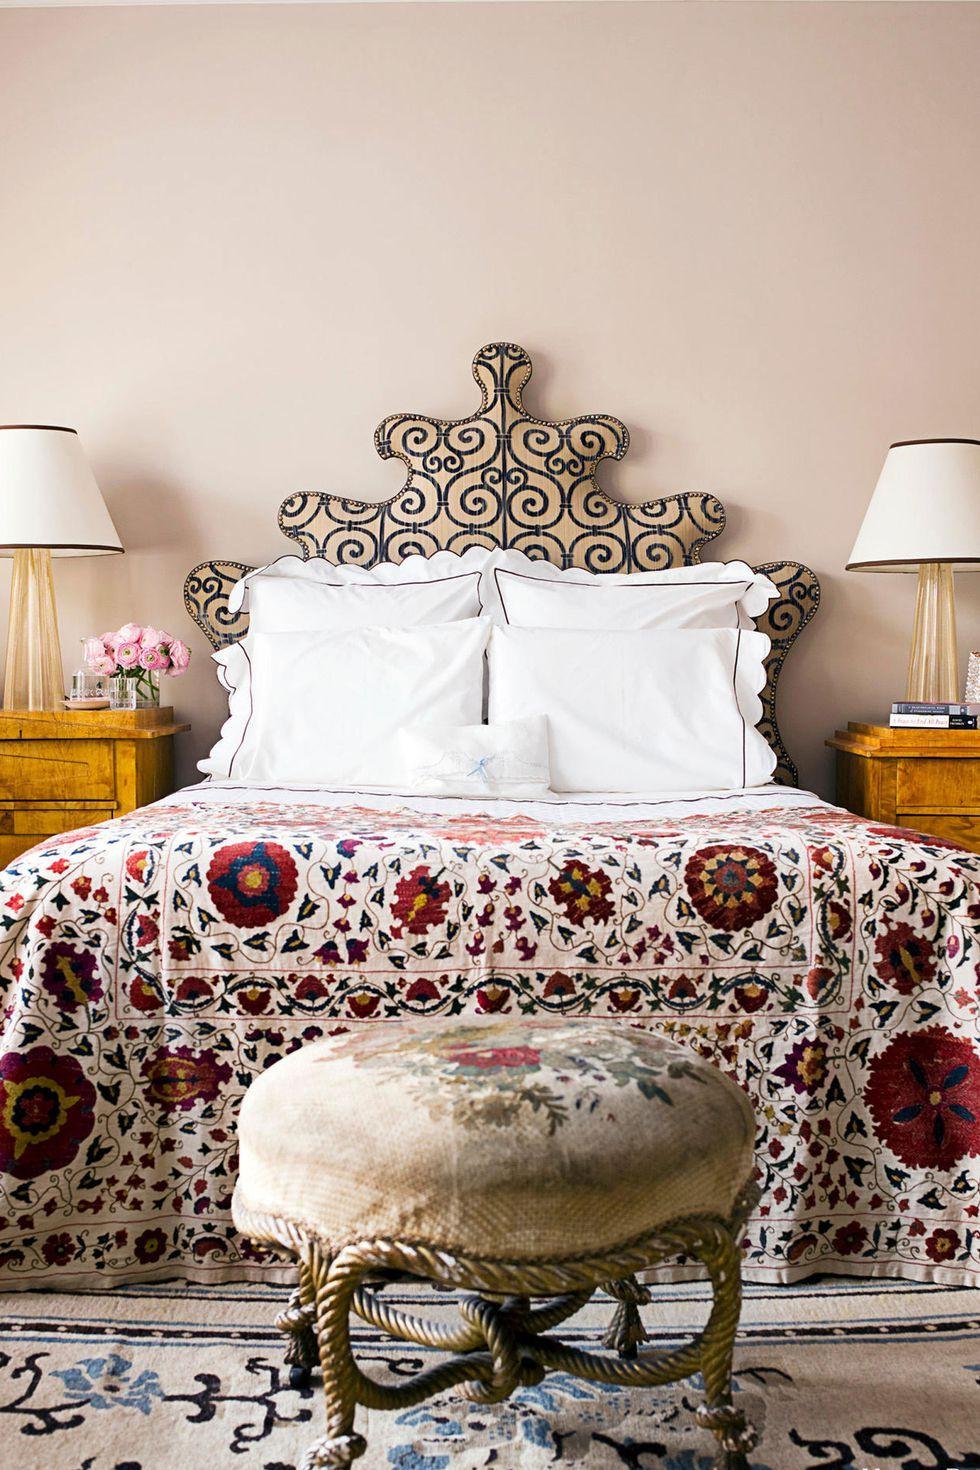 أفضل ألوان غرف النوم - الوردي الفاتح